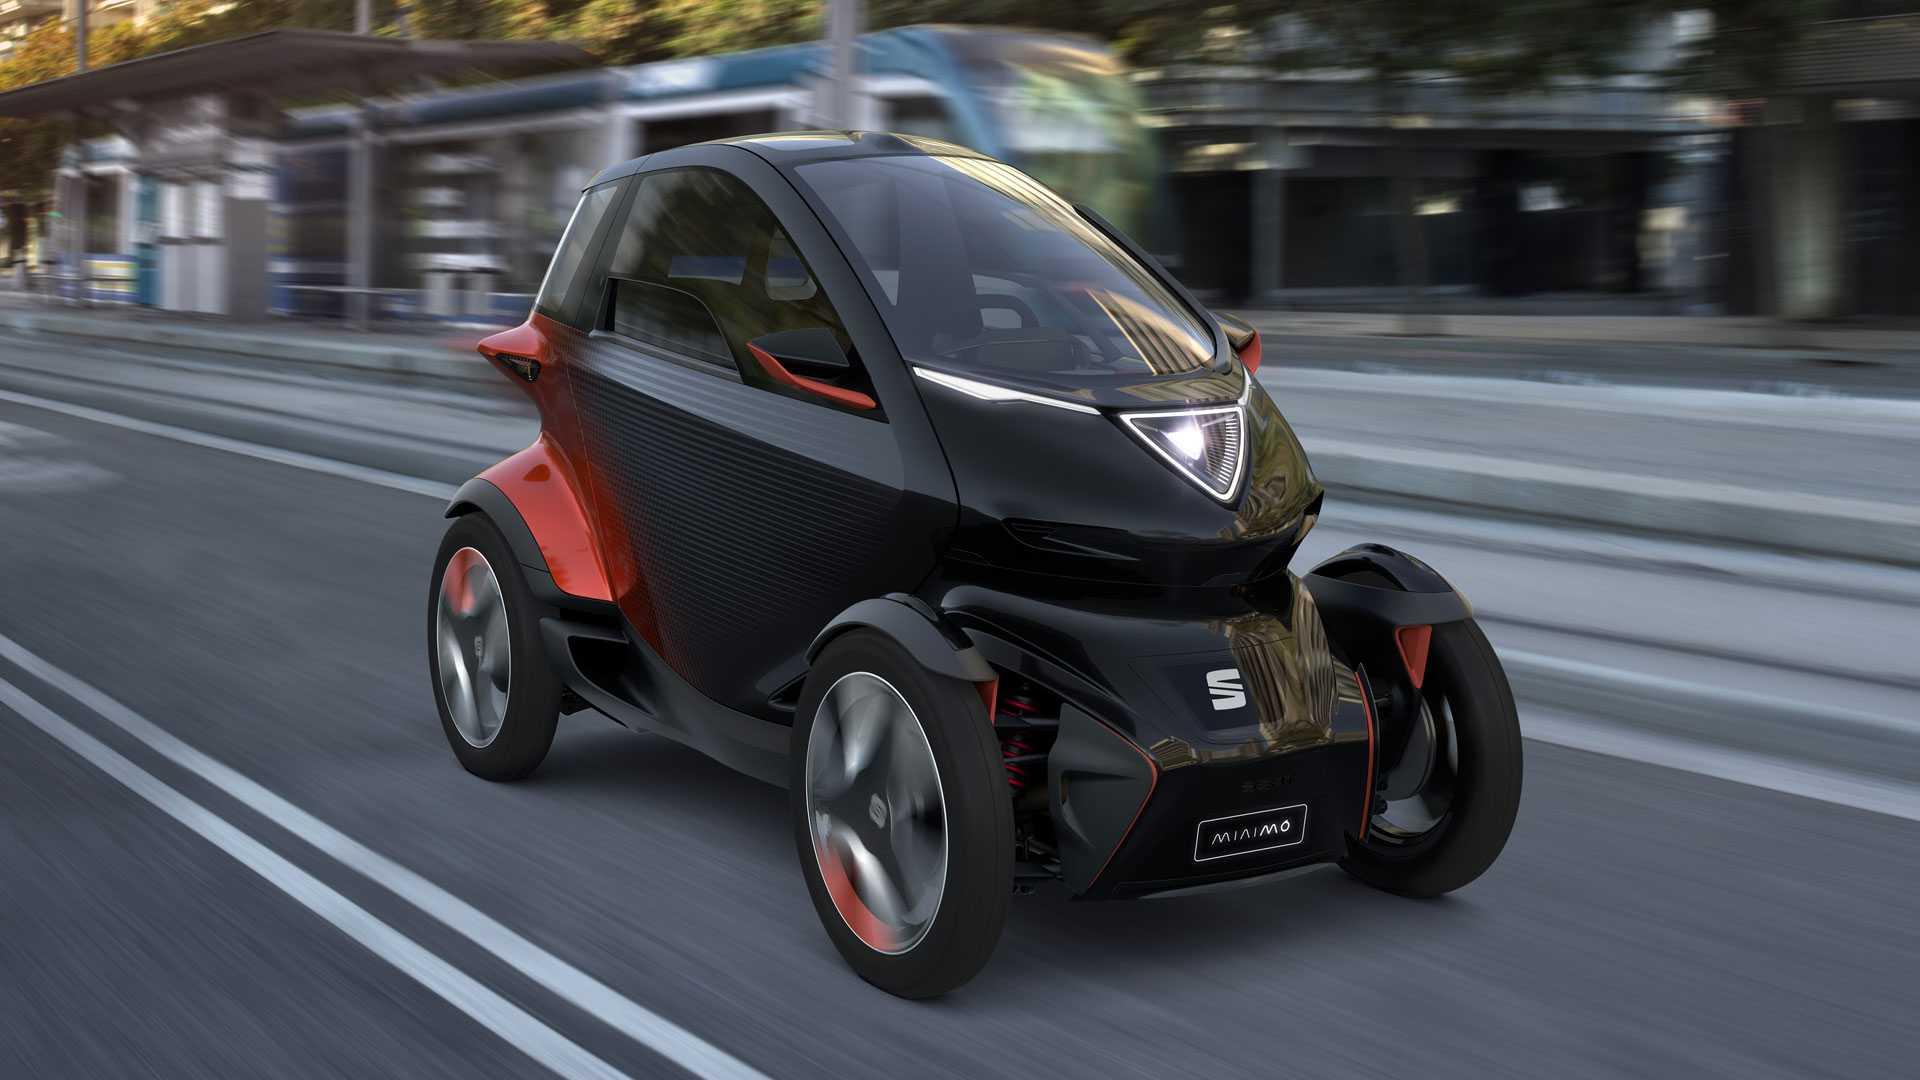 D'ici 3 ans, les voitures électriques coûteront le même prix que les voitures à essence